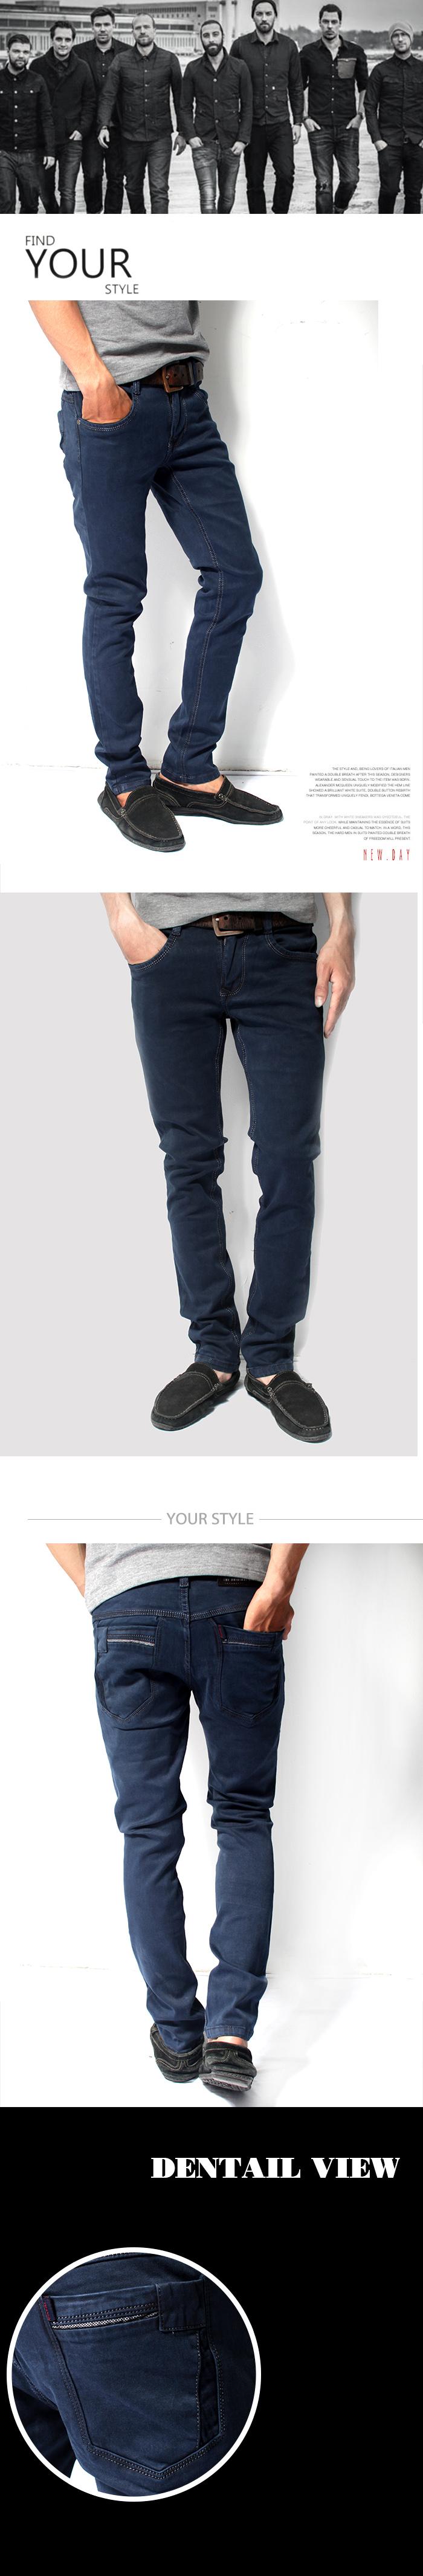 Quần jean xanh đen qj1141 - 1